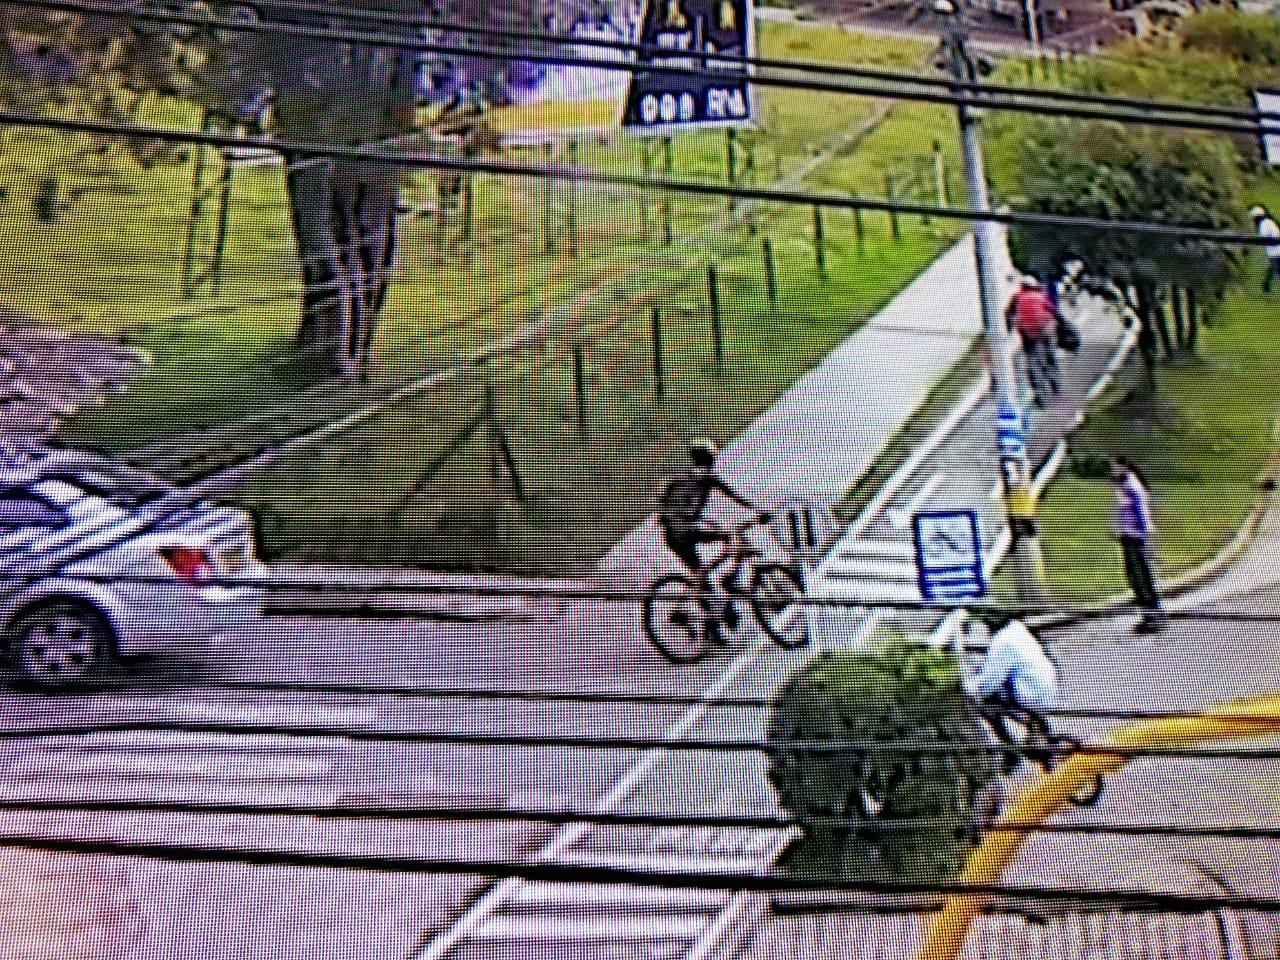 Disfrazados de ciclistas, ladrones hurtan bicicletas en La Ceja